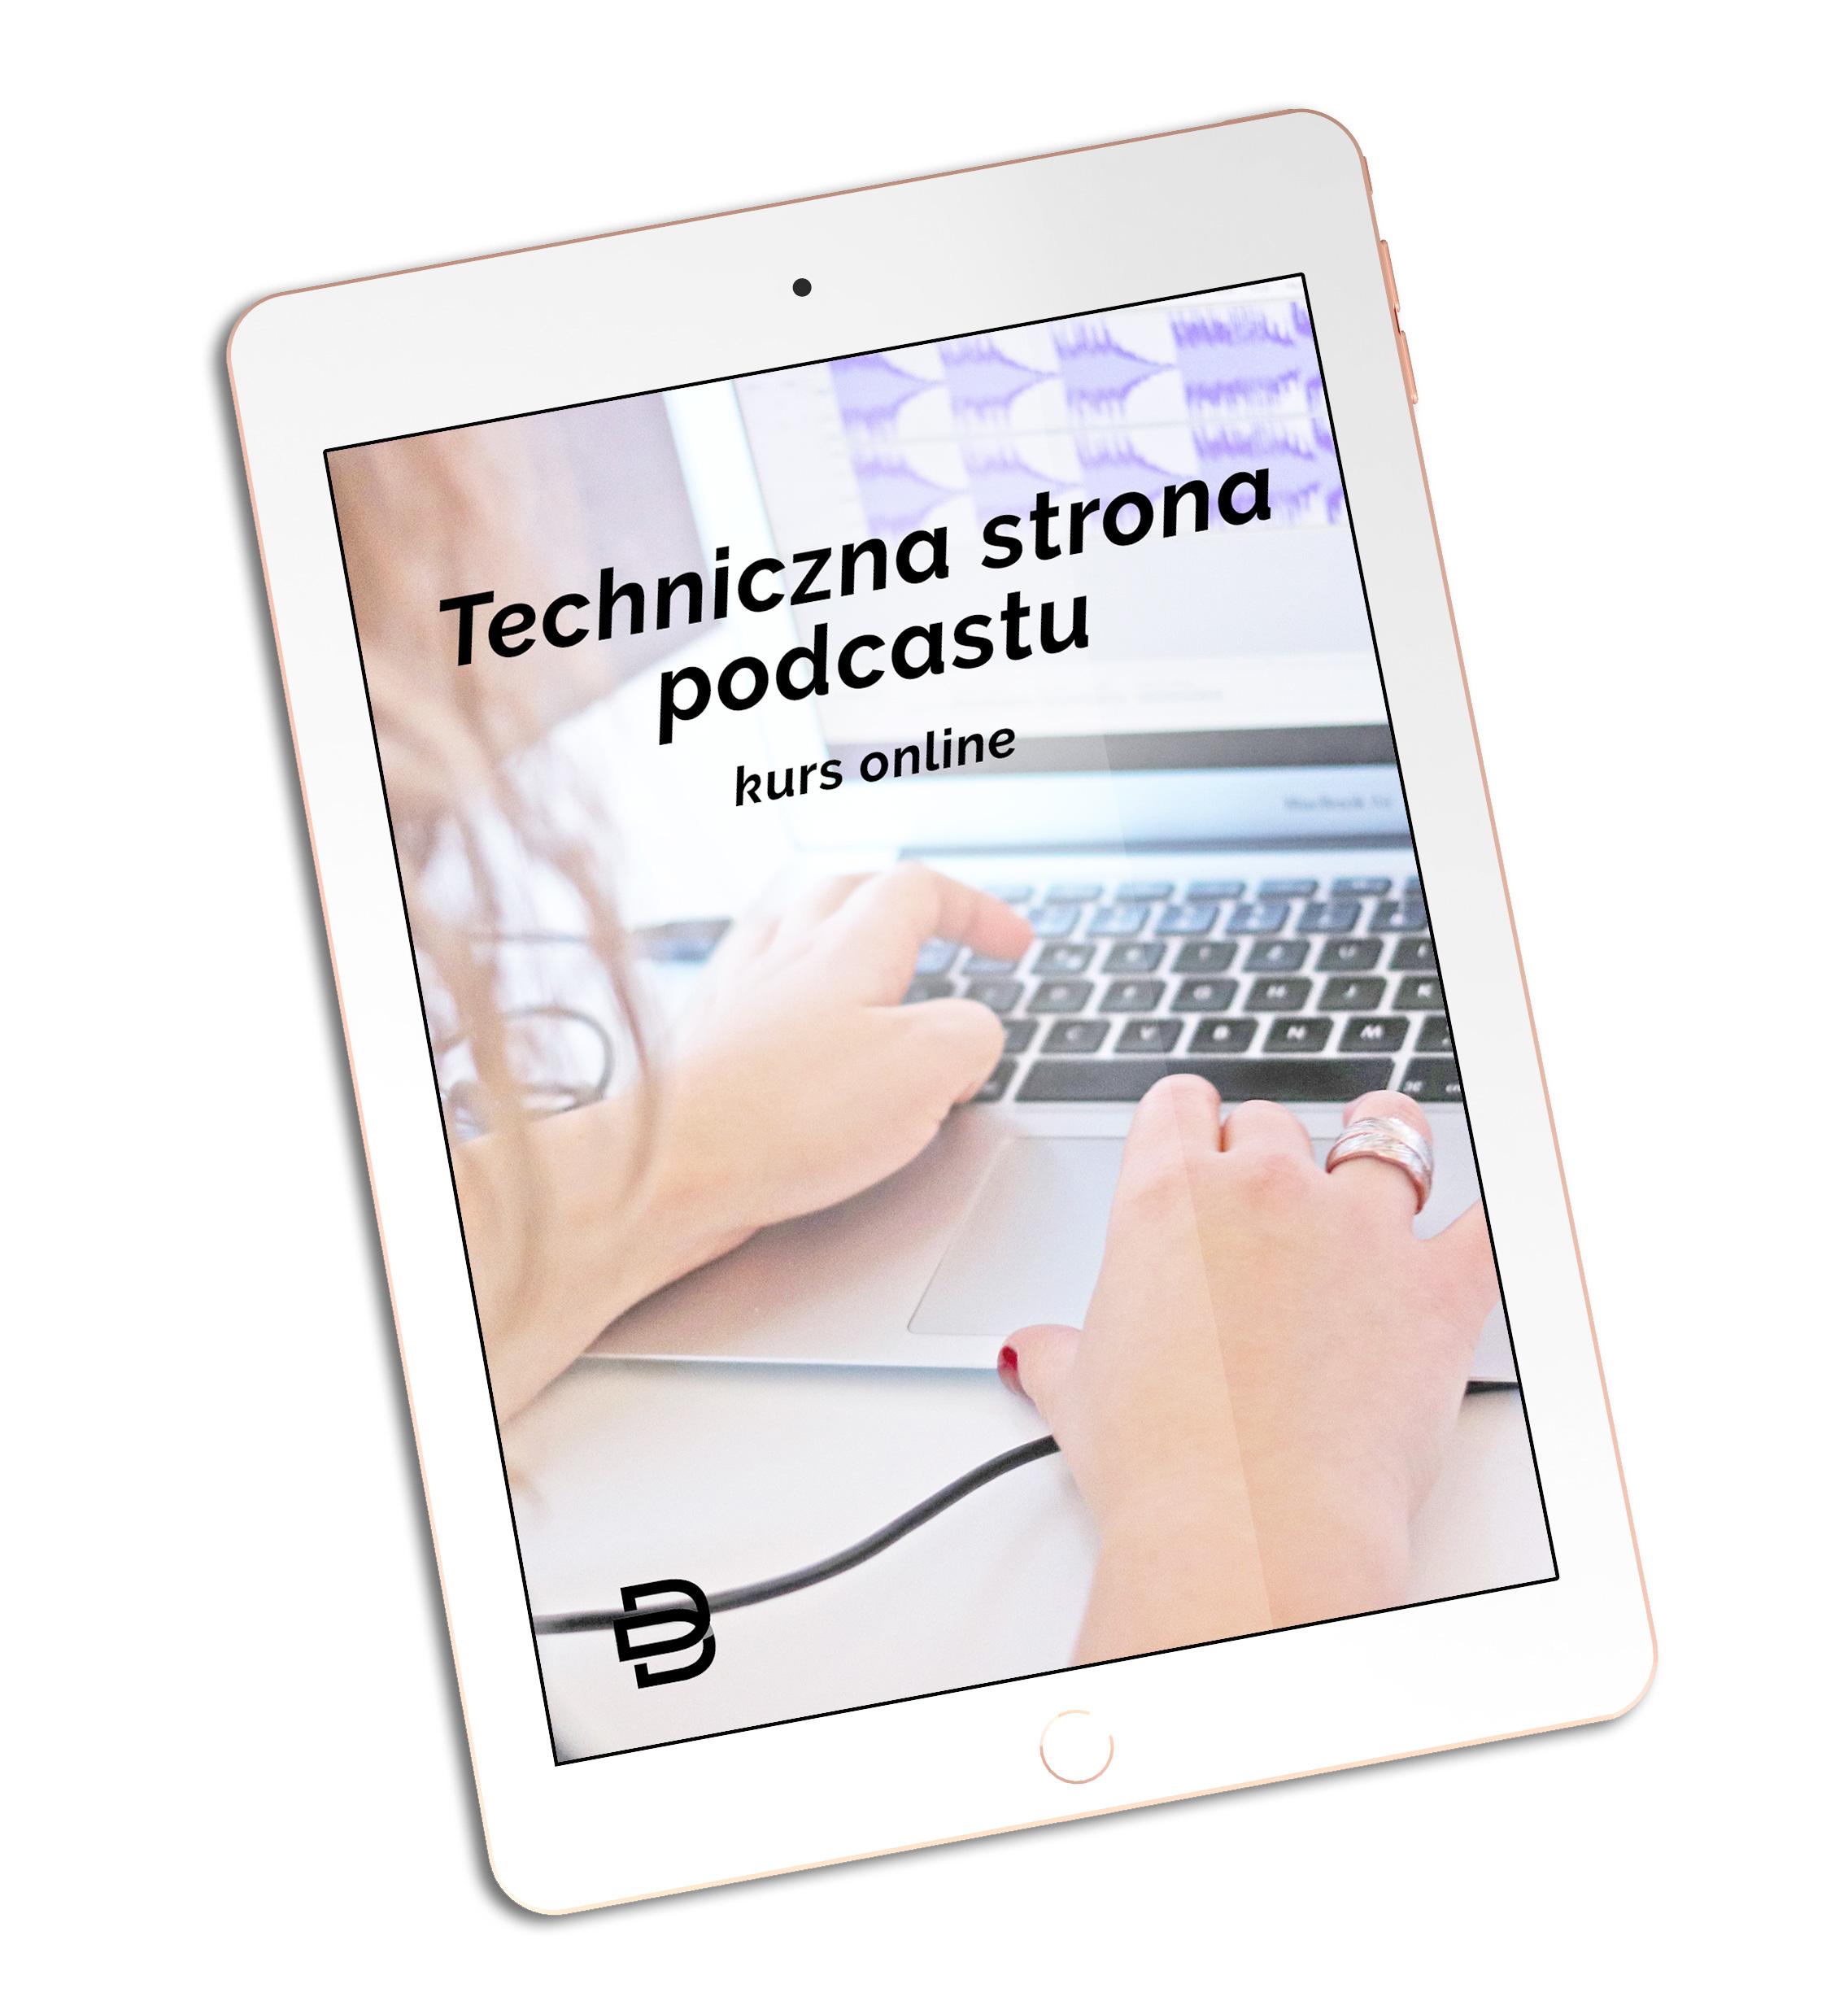 kurs podcastu, Techniczna Strona Podcastu